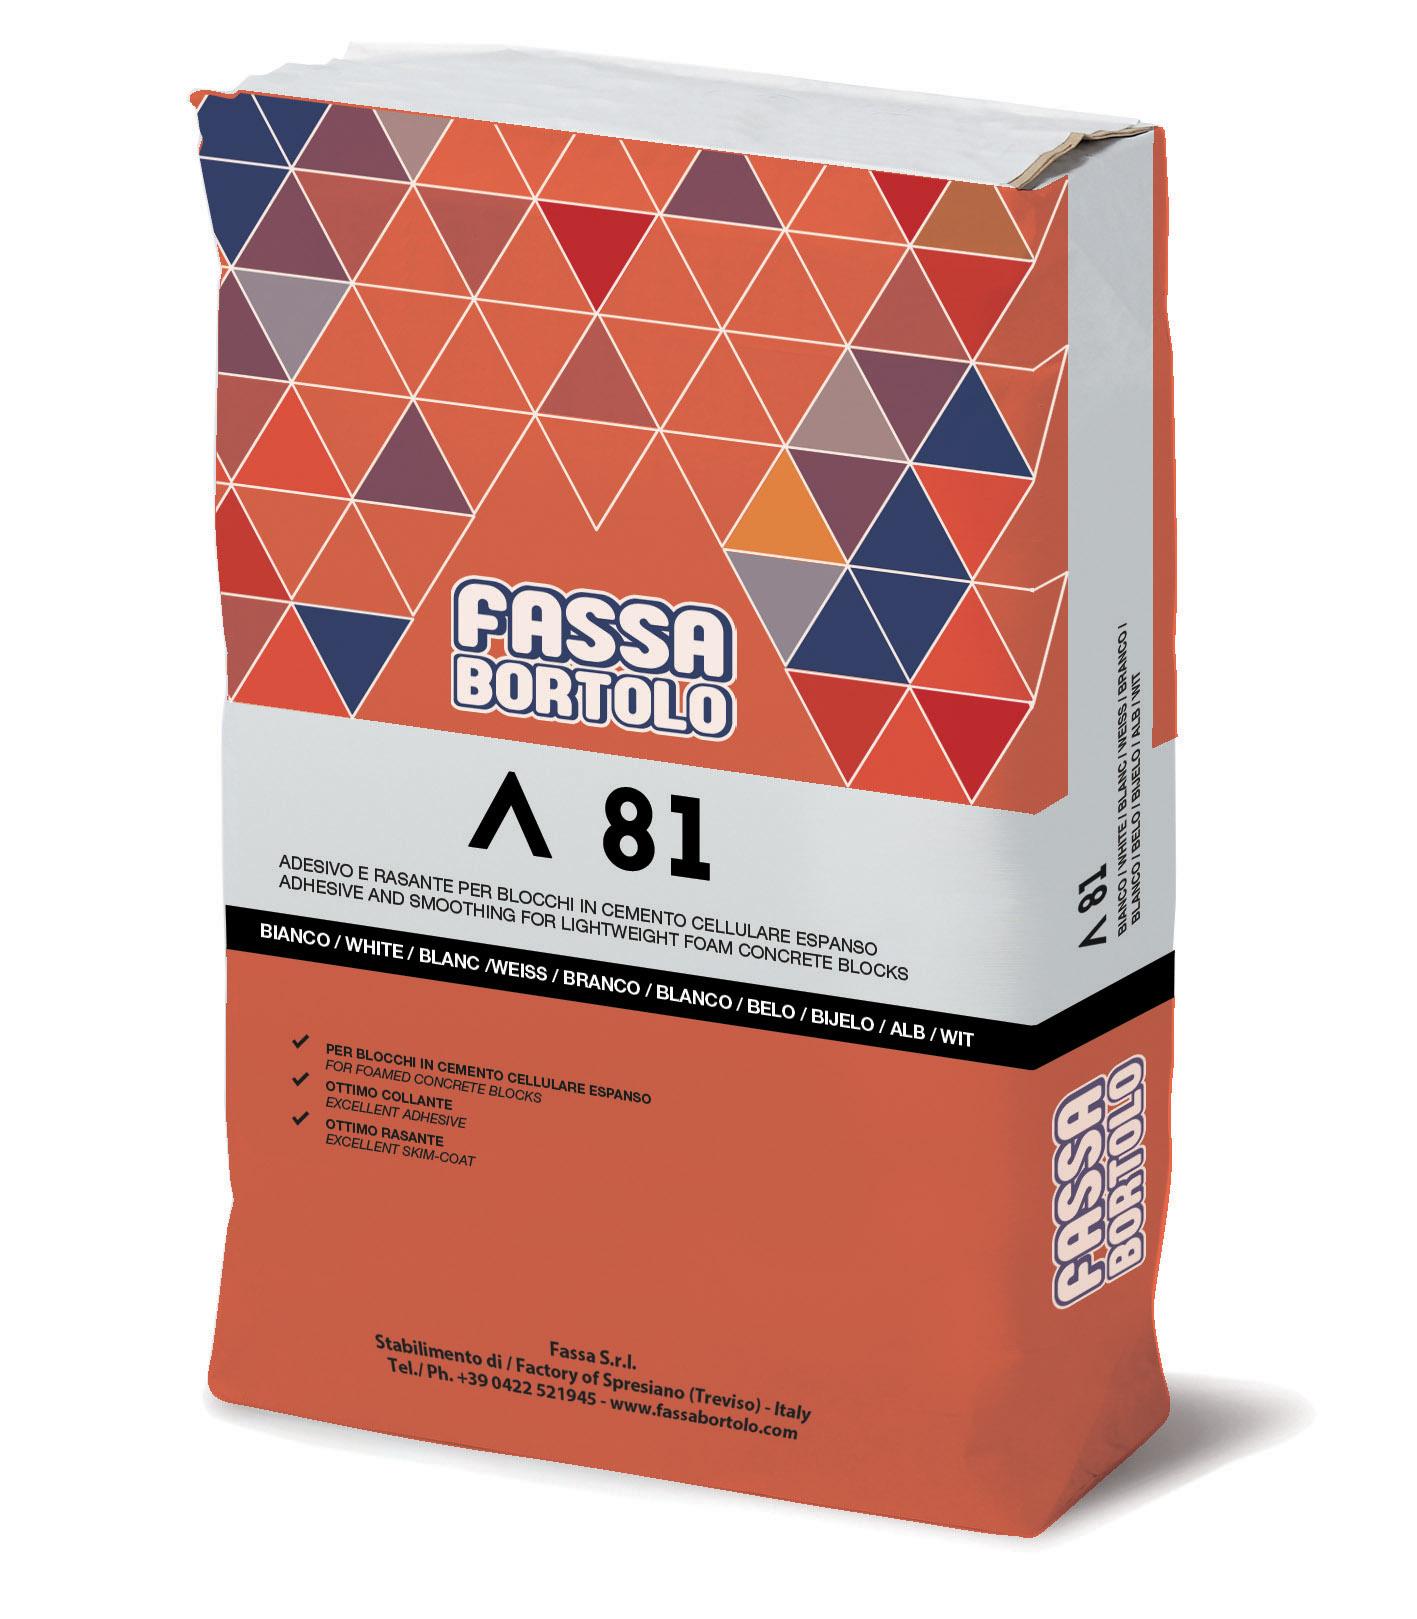 A 81: Adesivo e rasante bianco per blocchi in cemento cellulare espanso